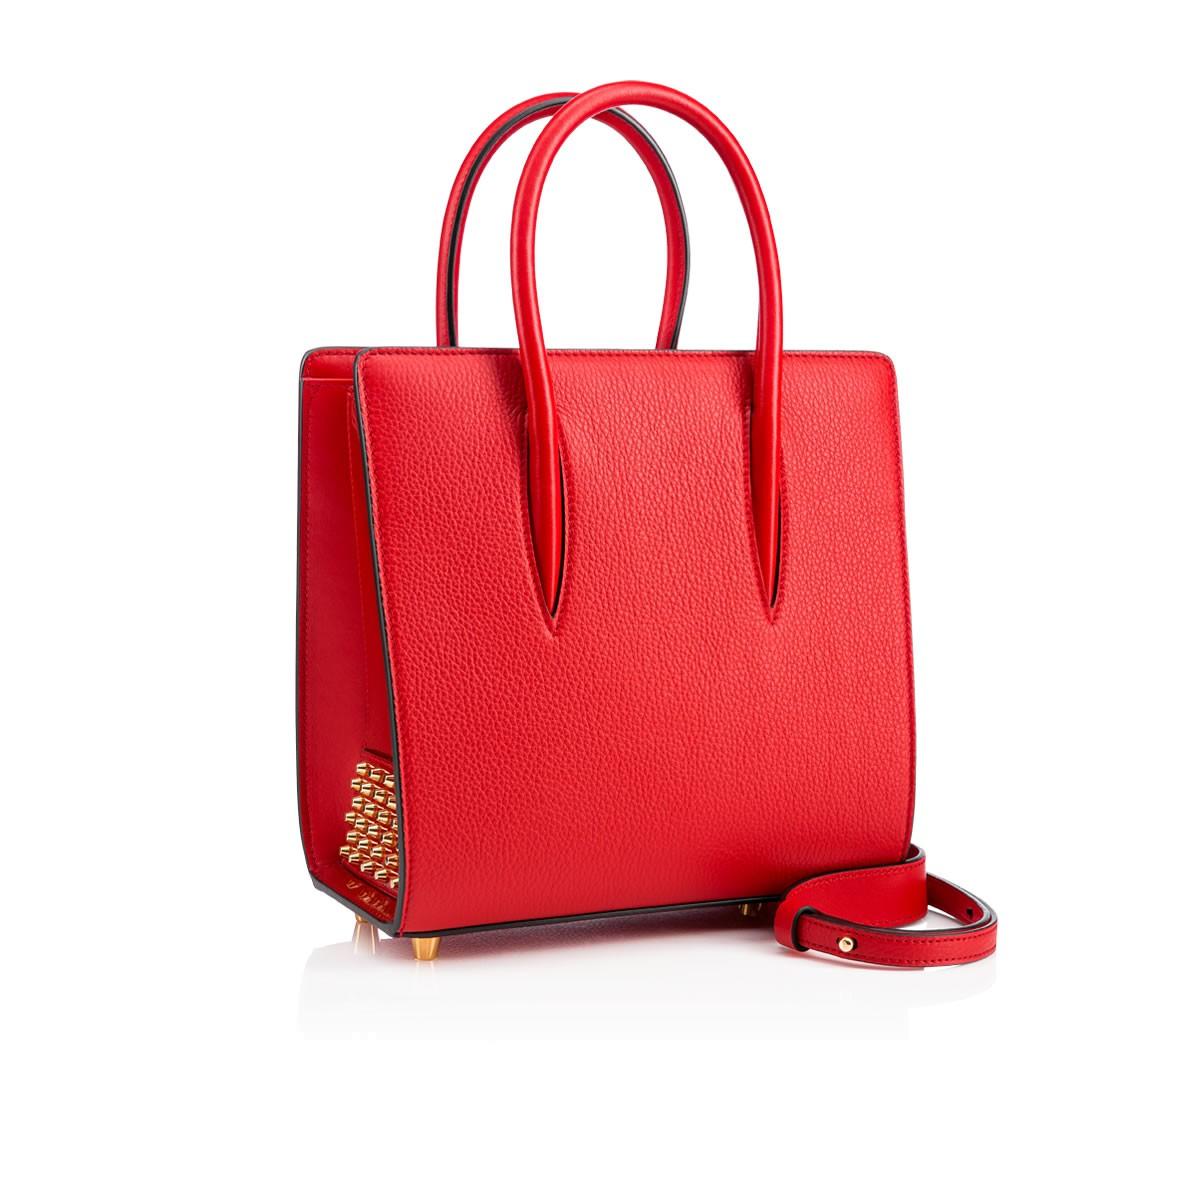 Women Bags - Paloma Small - Christian Louboutin